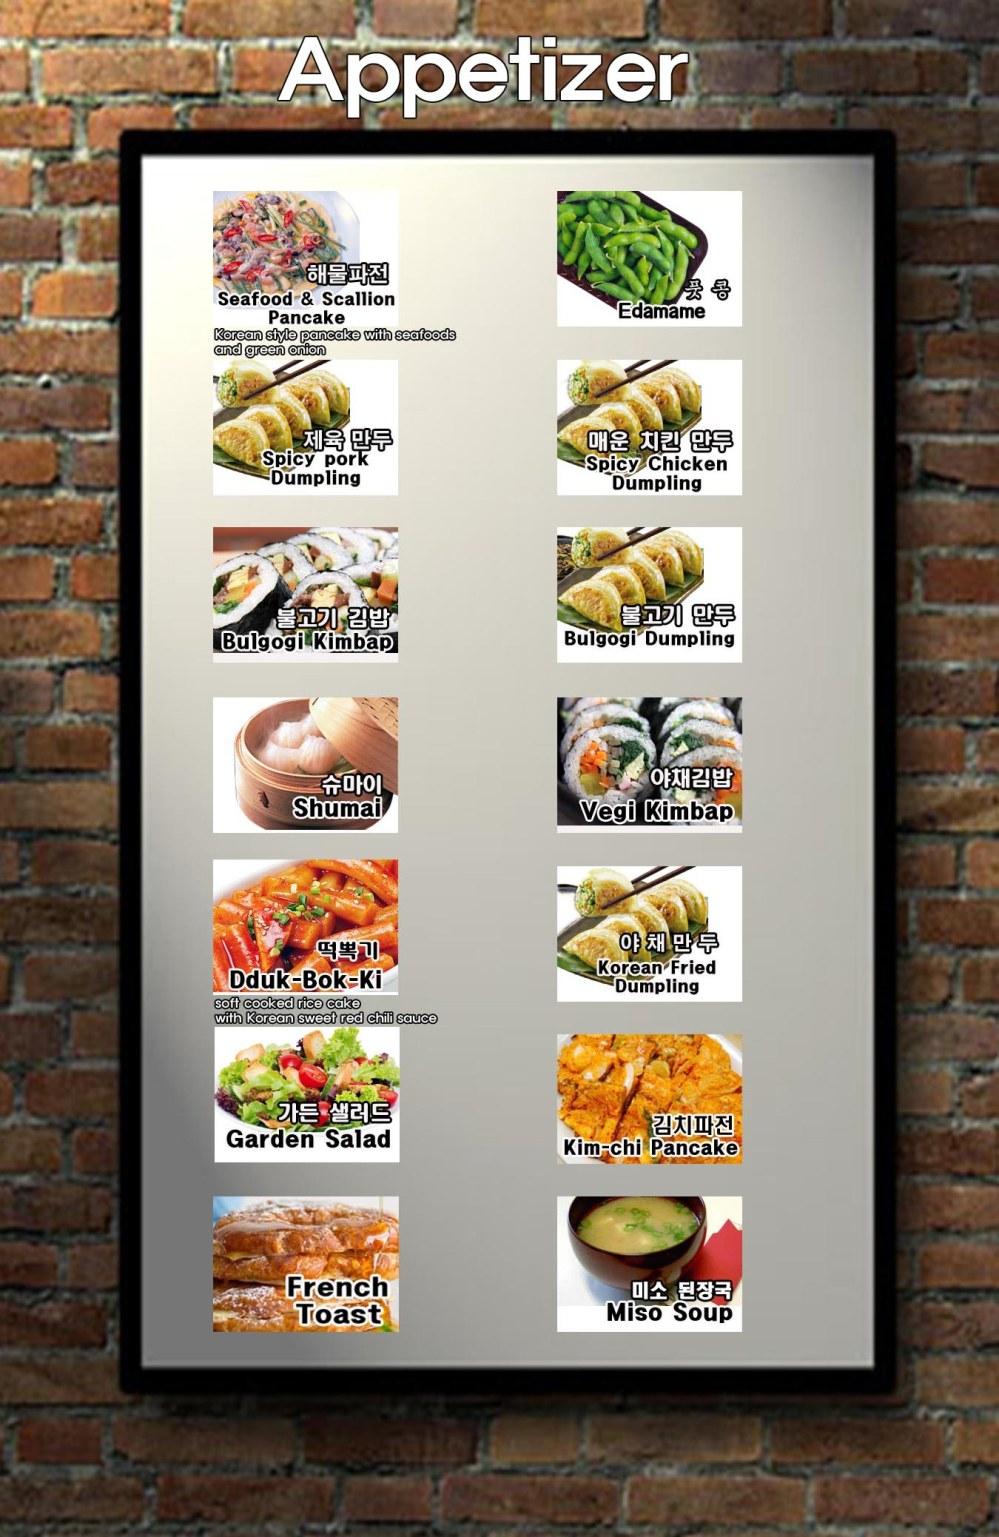 appetizer website image